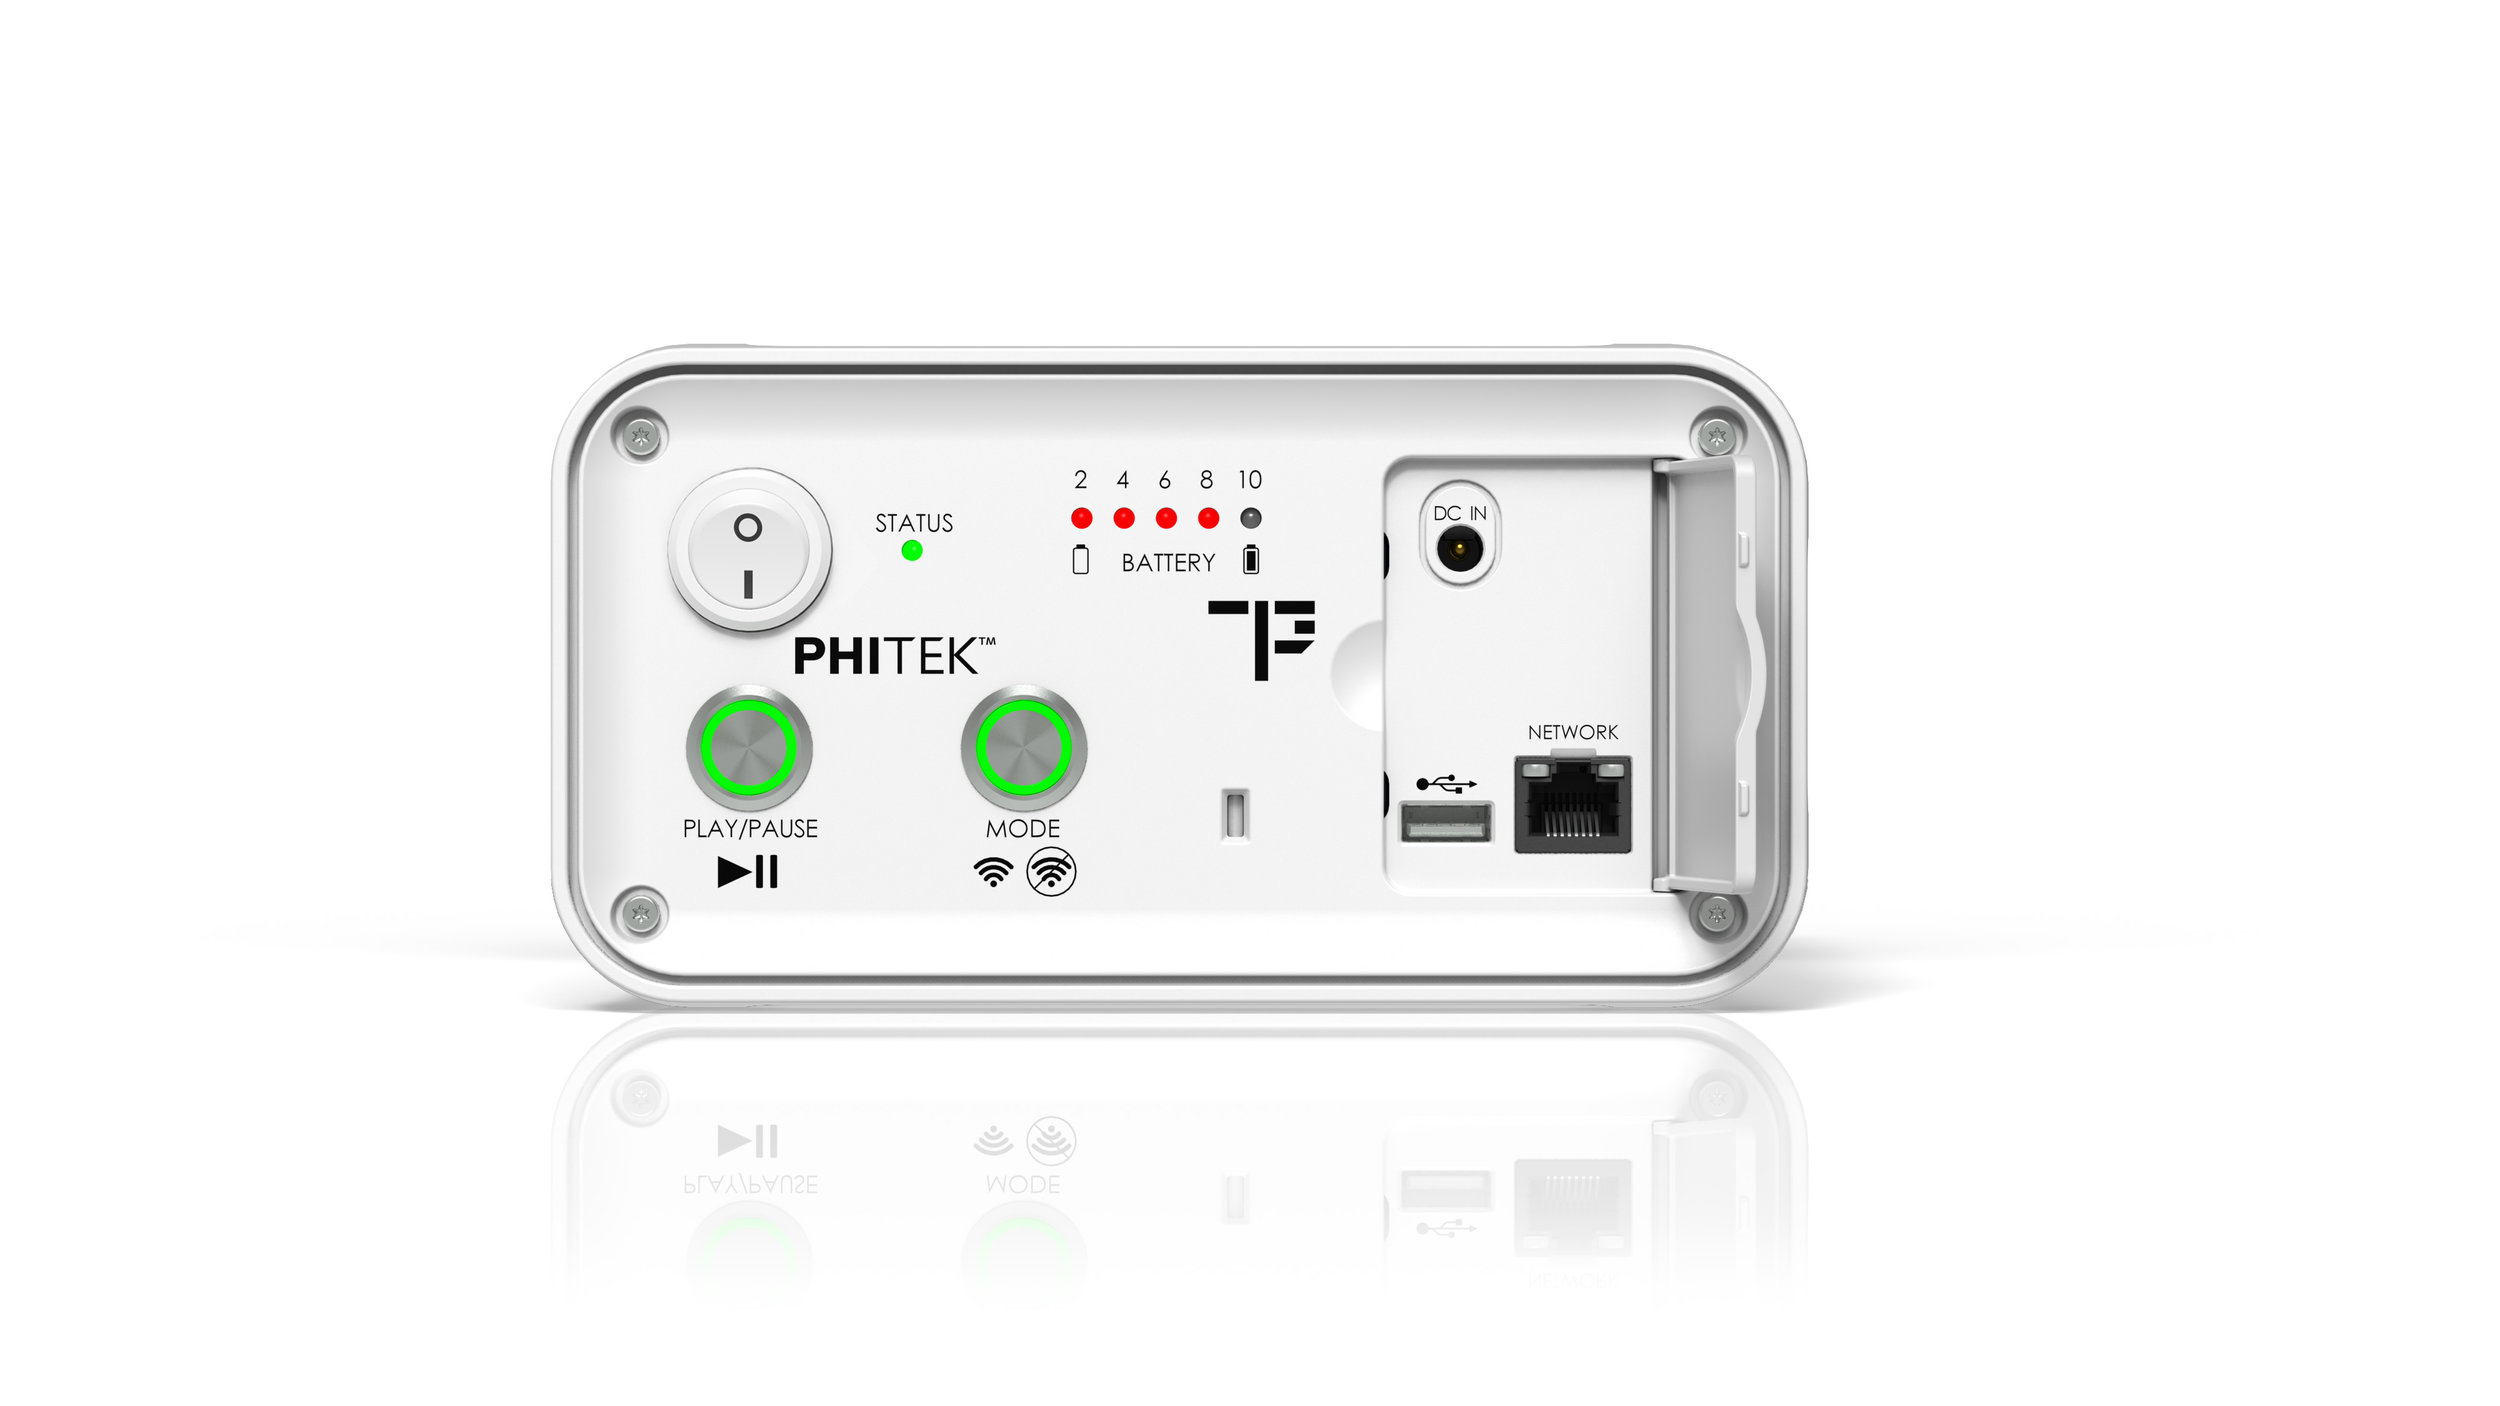 170221 - SkyPhi Front Render - PhiTek-1.jpg